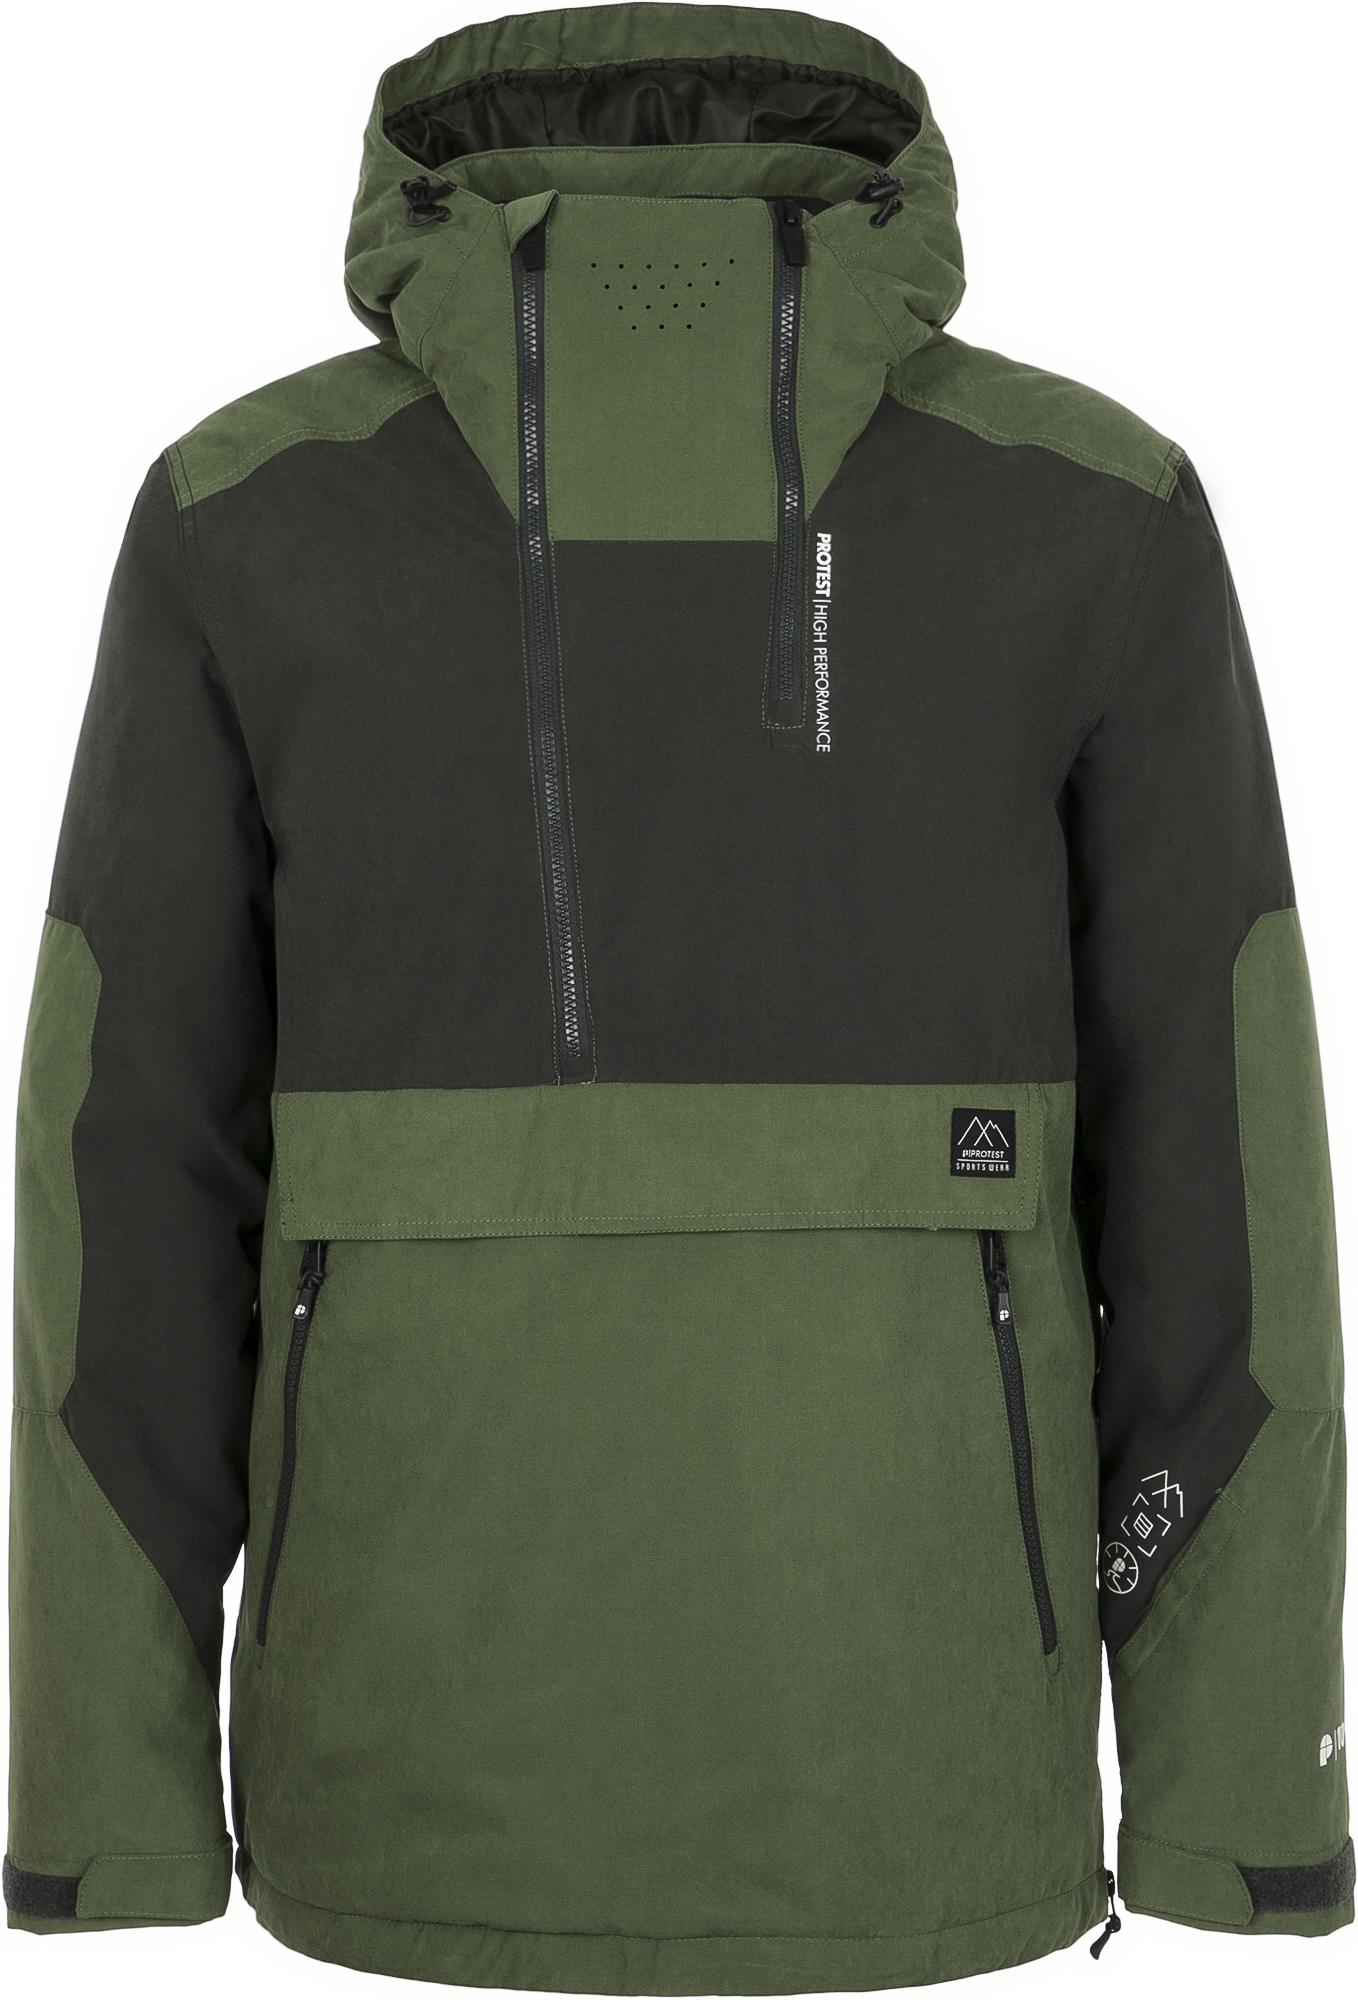 Protest Куртка утепленная мужская Protest Hopton, размер 52-54